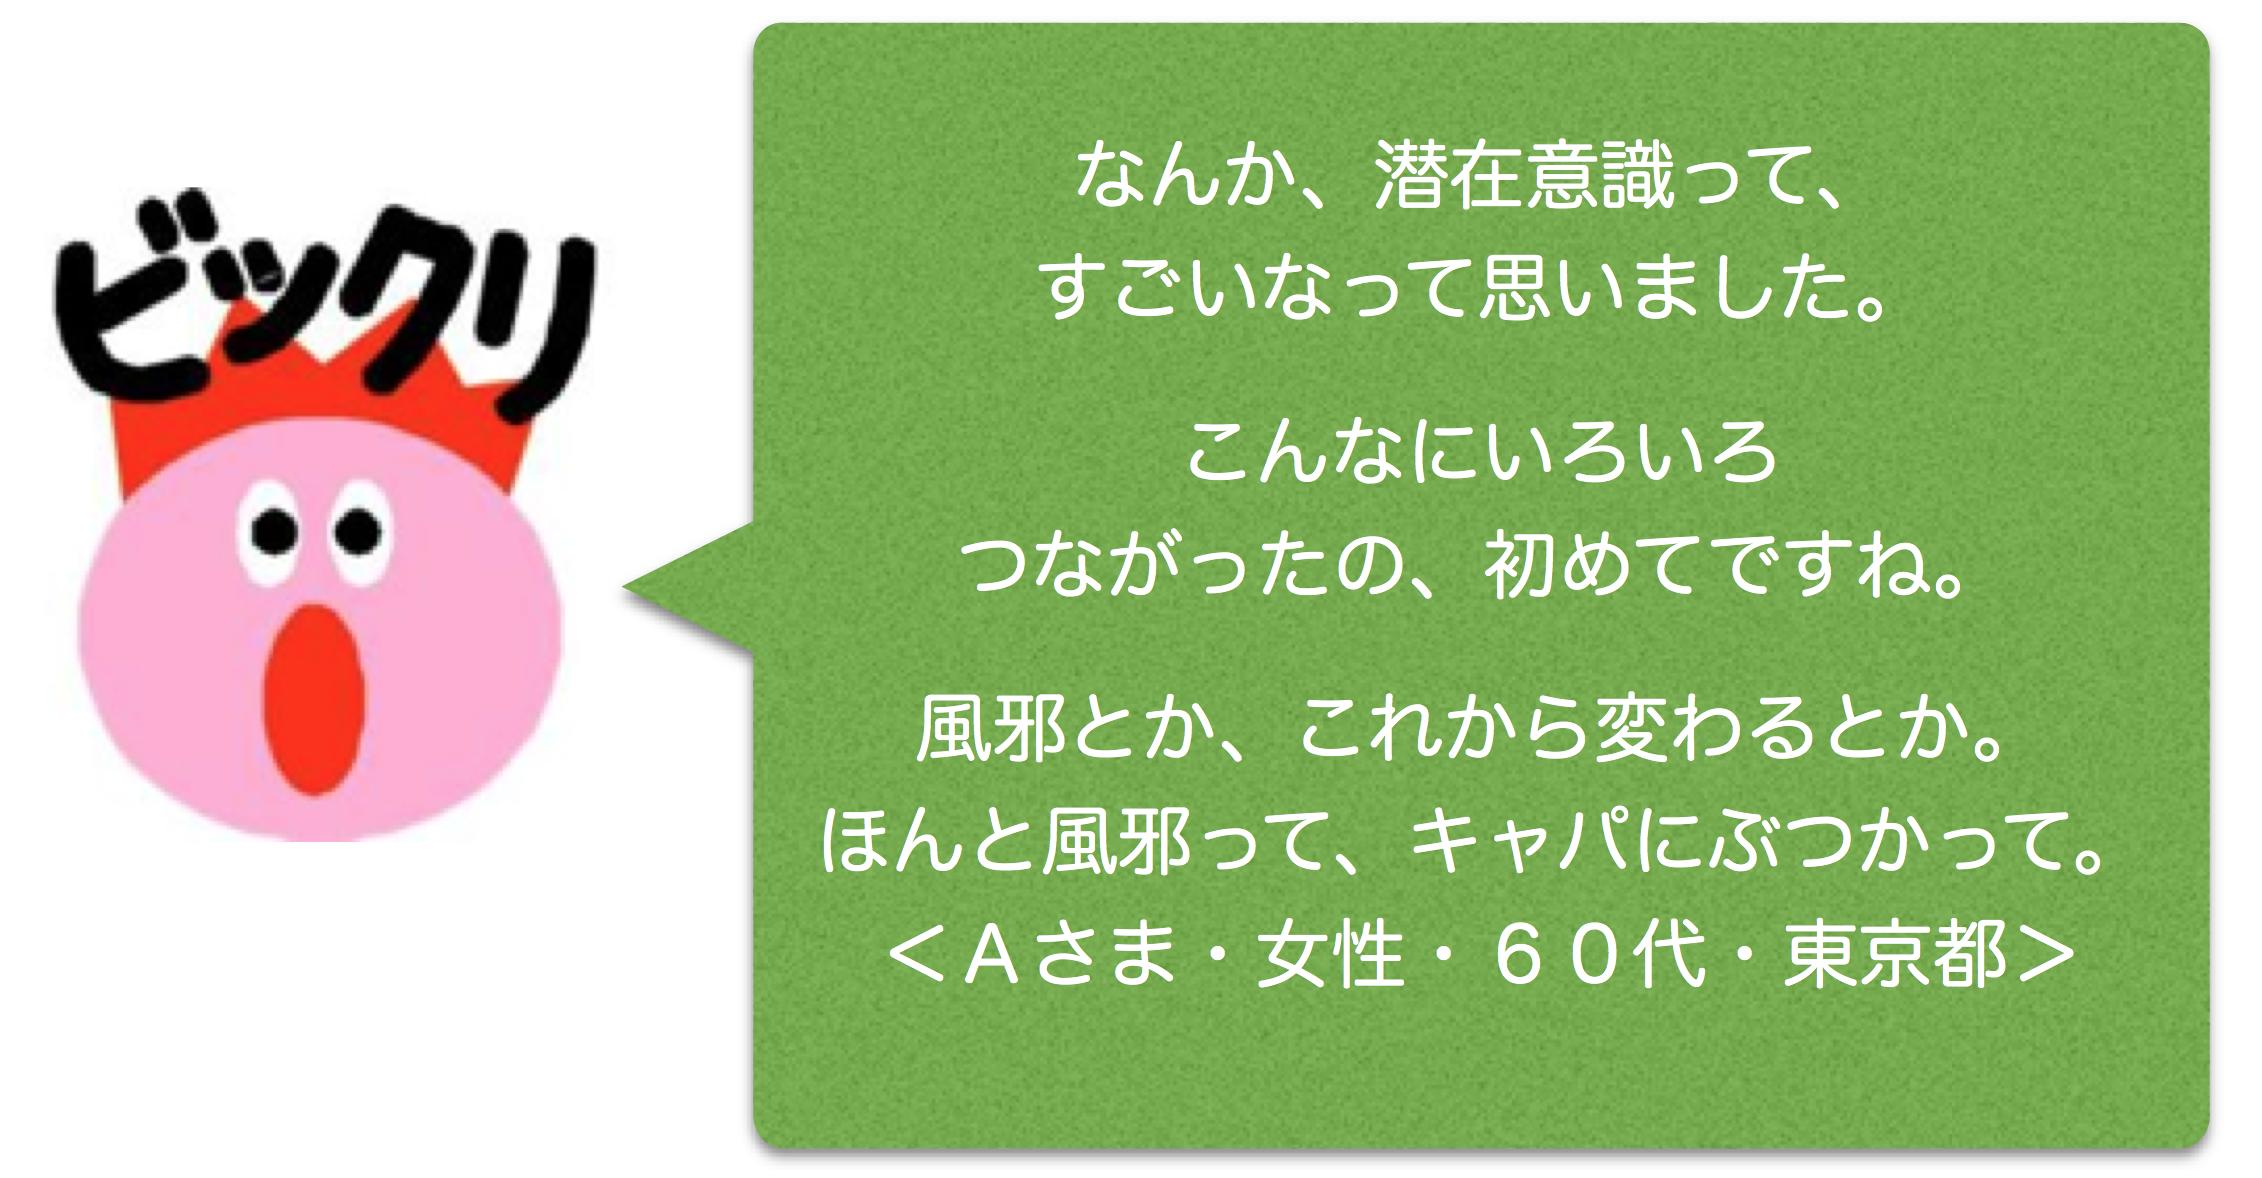 スクリーンショット 2015-05-18 1.31.11